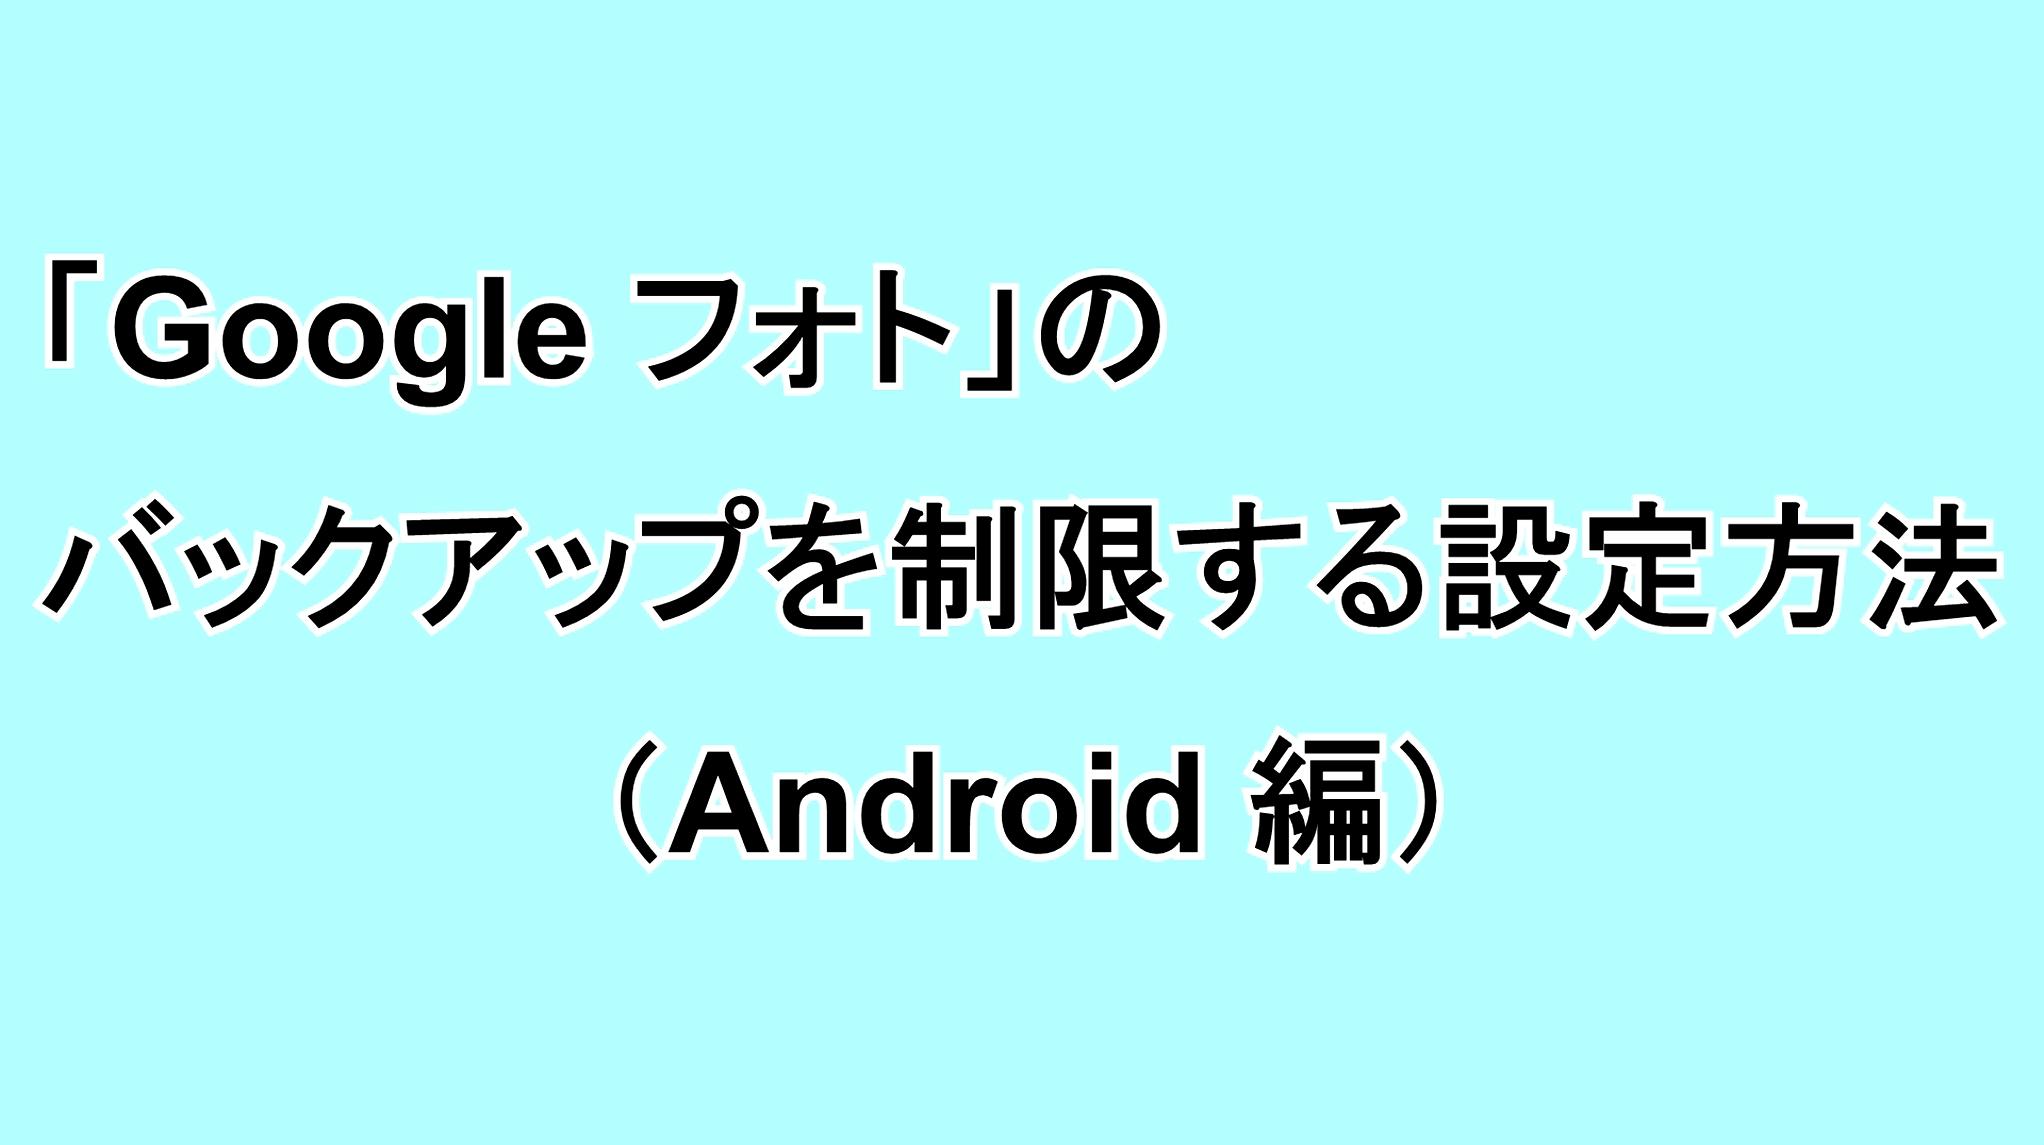 「Google フォト」でバックアップを制限する設定方法(Android編)